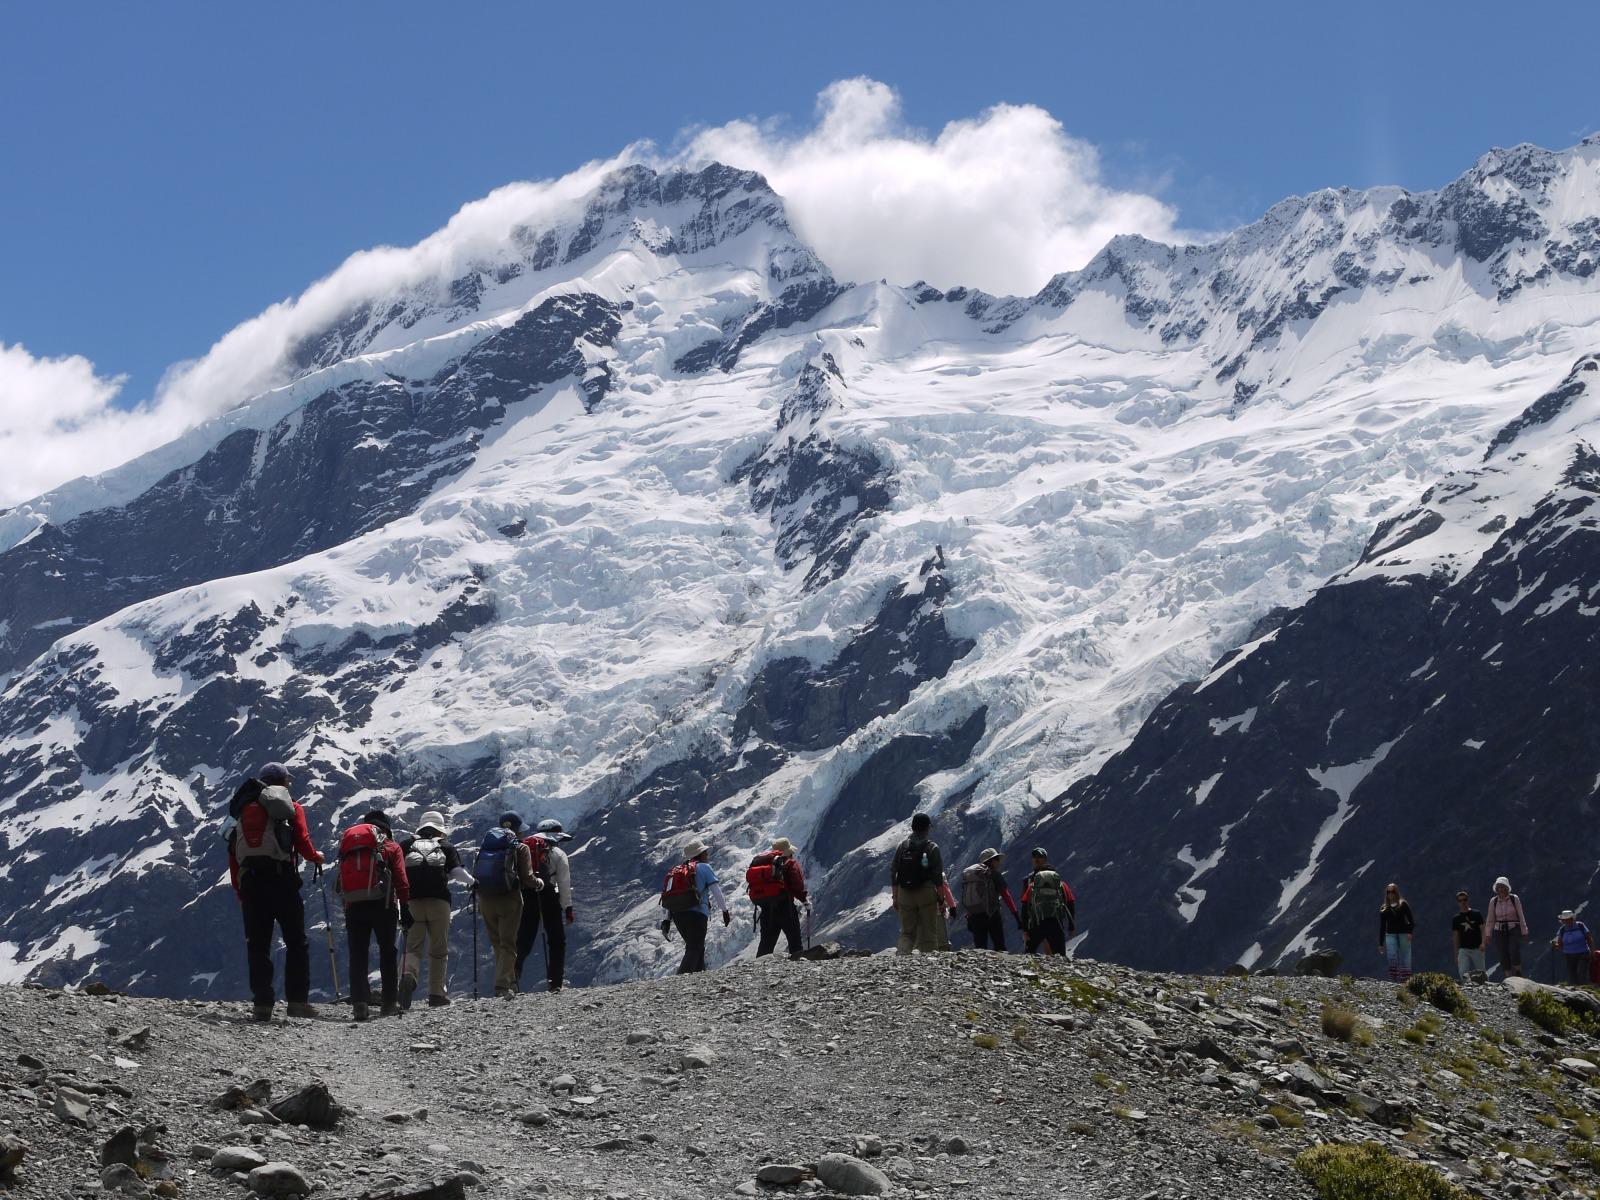 絶景サザンアルプス満喫ハイキング 9日間